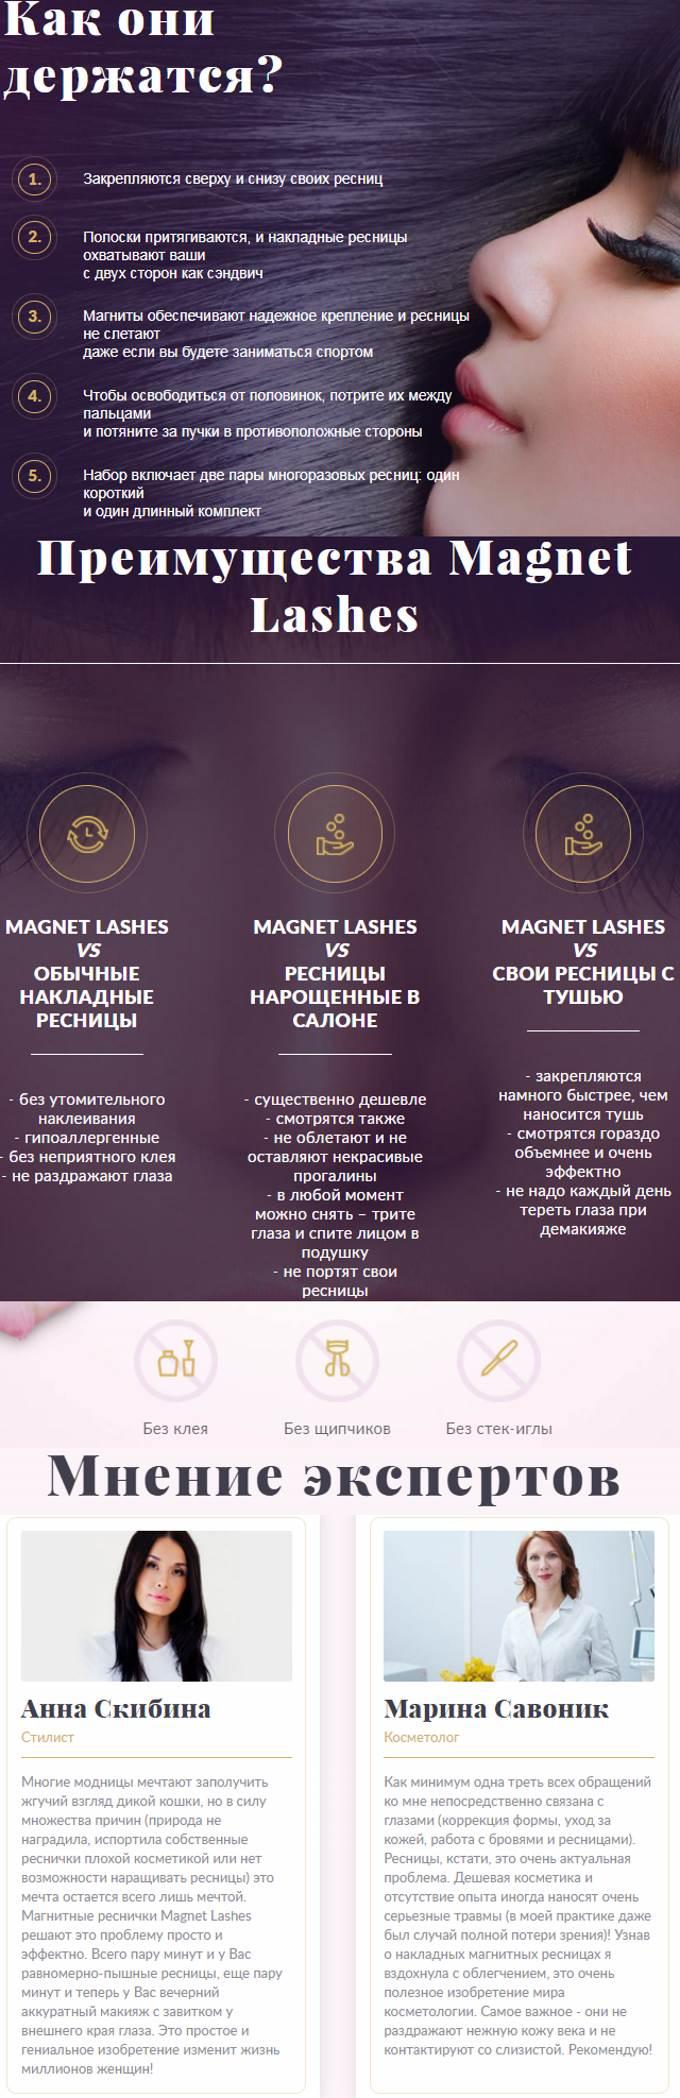 Магнитные ресницы magnet lashes купить